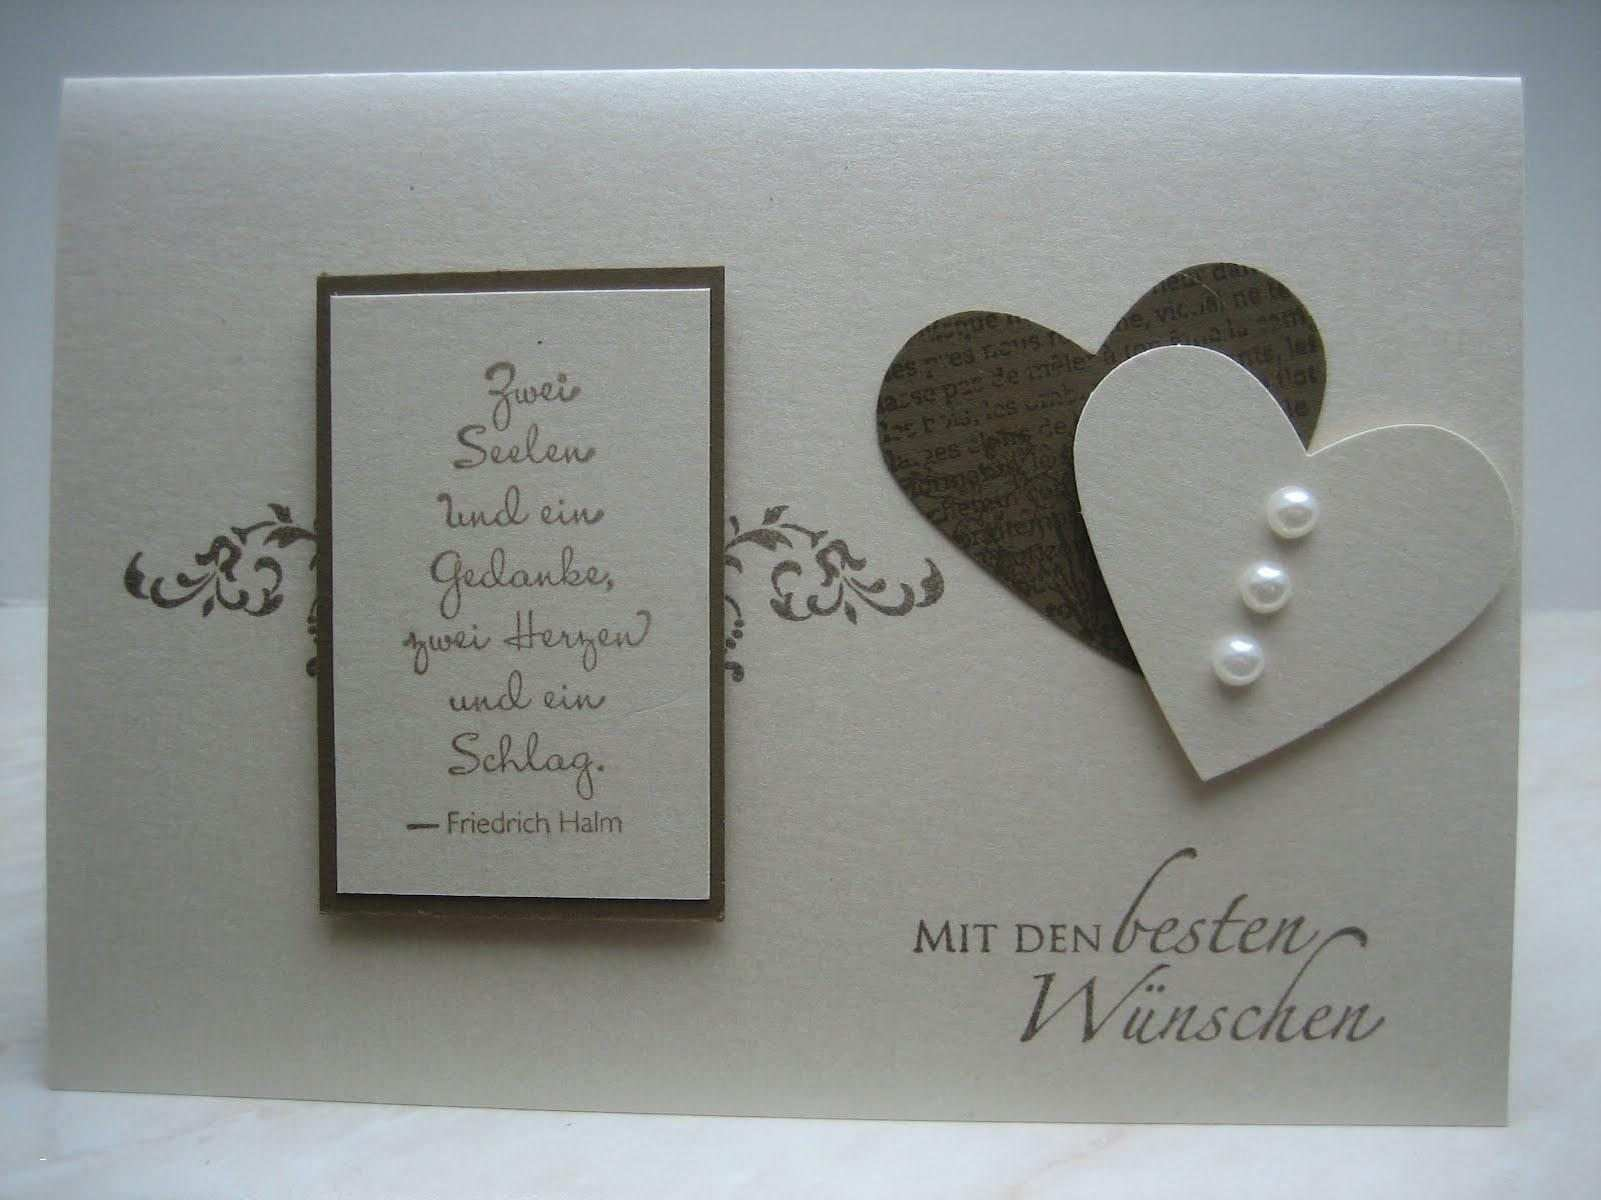 Einladungen Goldene Hochzeit Und Geburtstag Einladungskarten Einladungskarten Hochzeit Selber Machen Karte Hochzeit Einladungskarten Hochzeit Selbst Gestalten